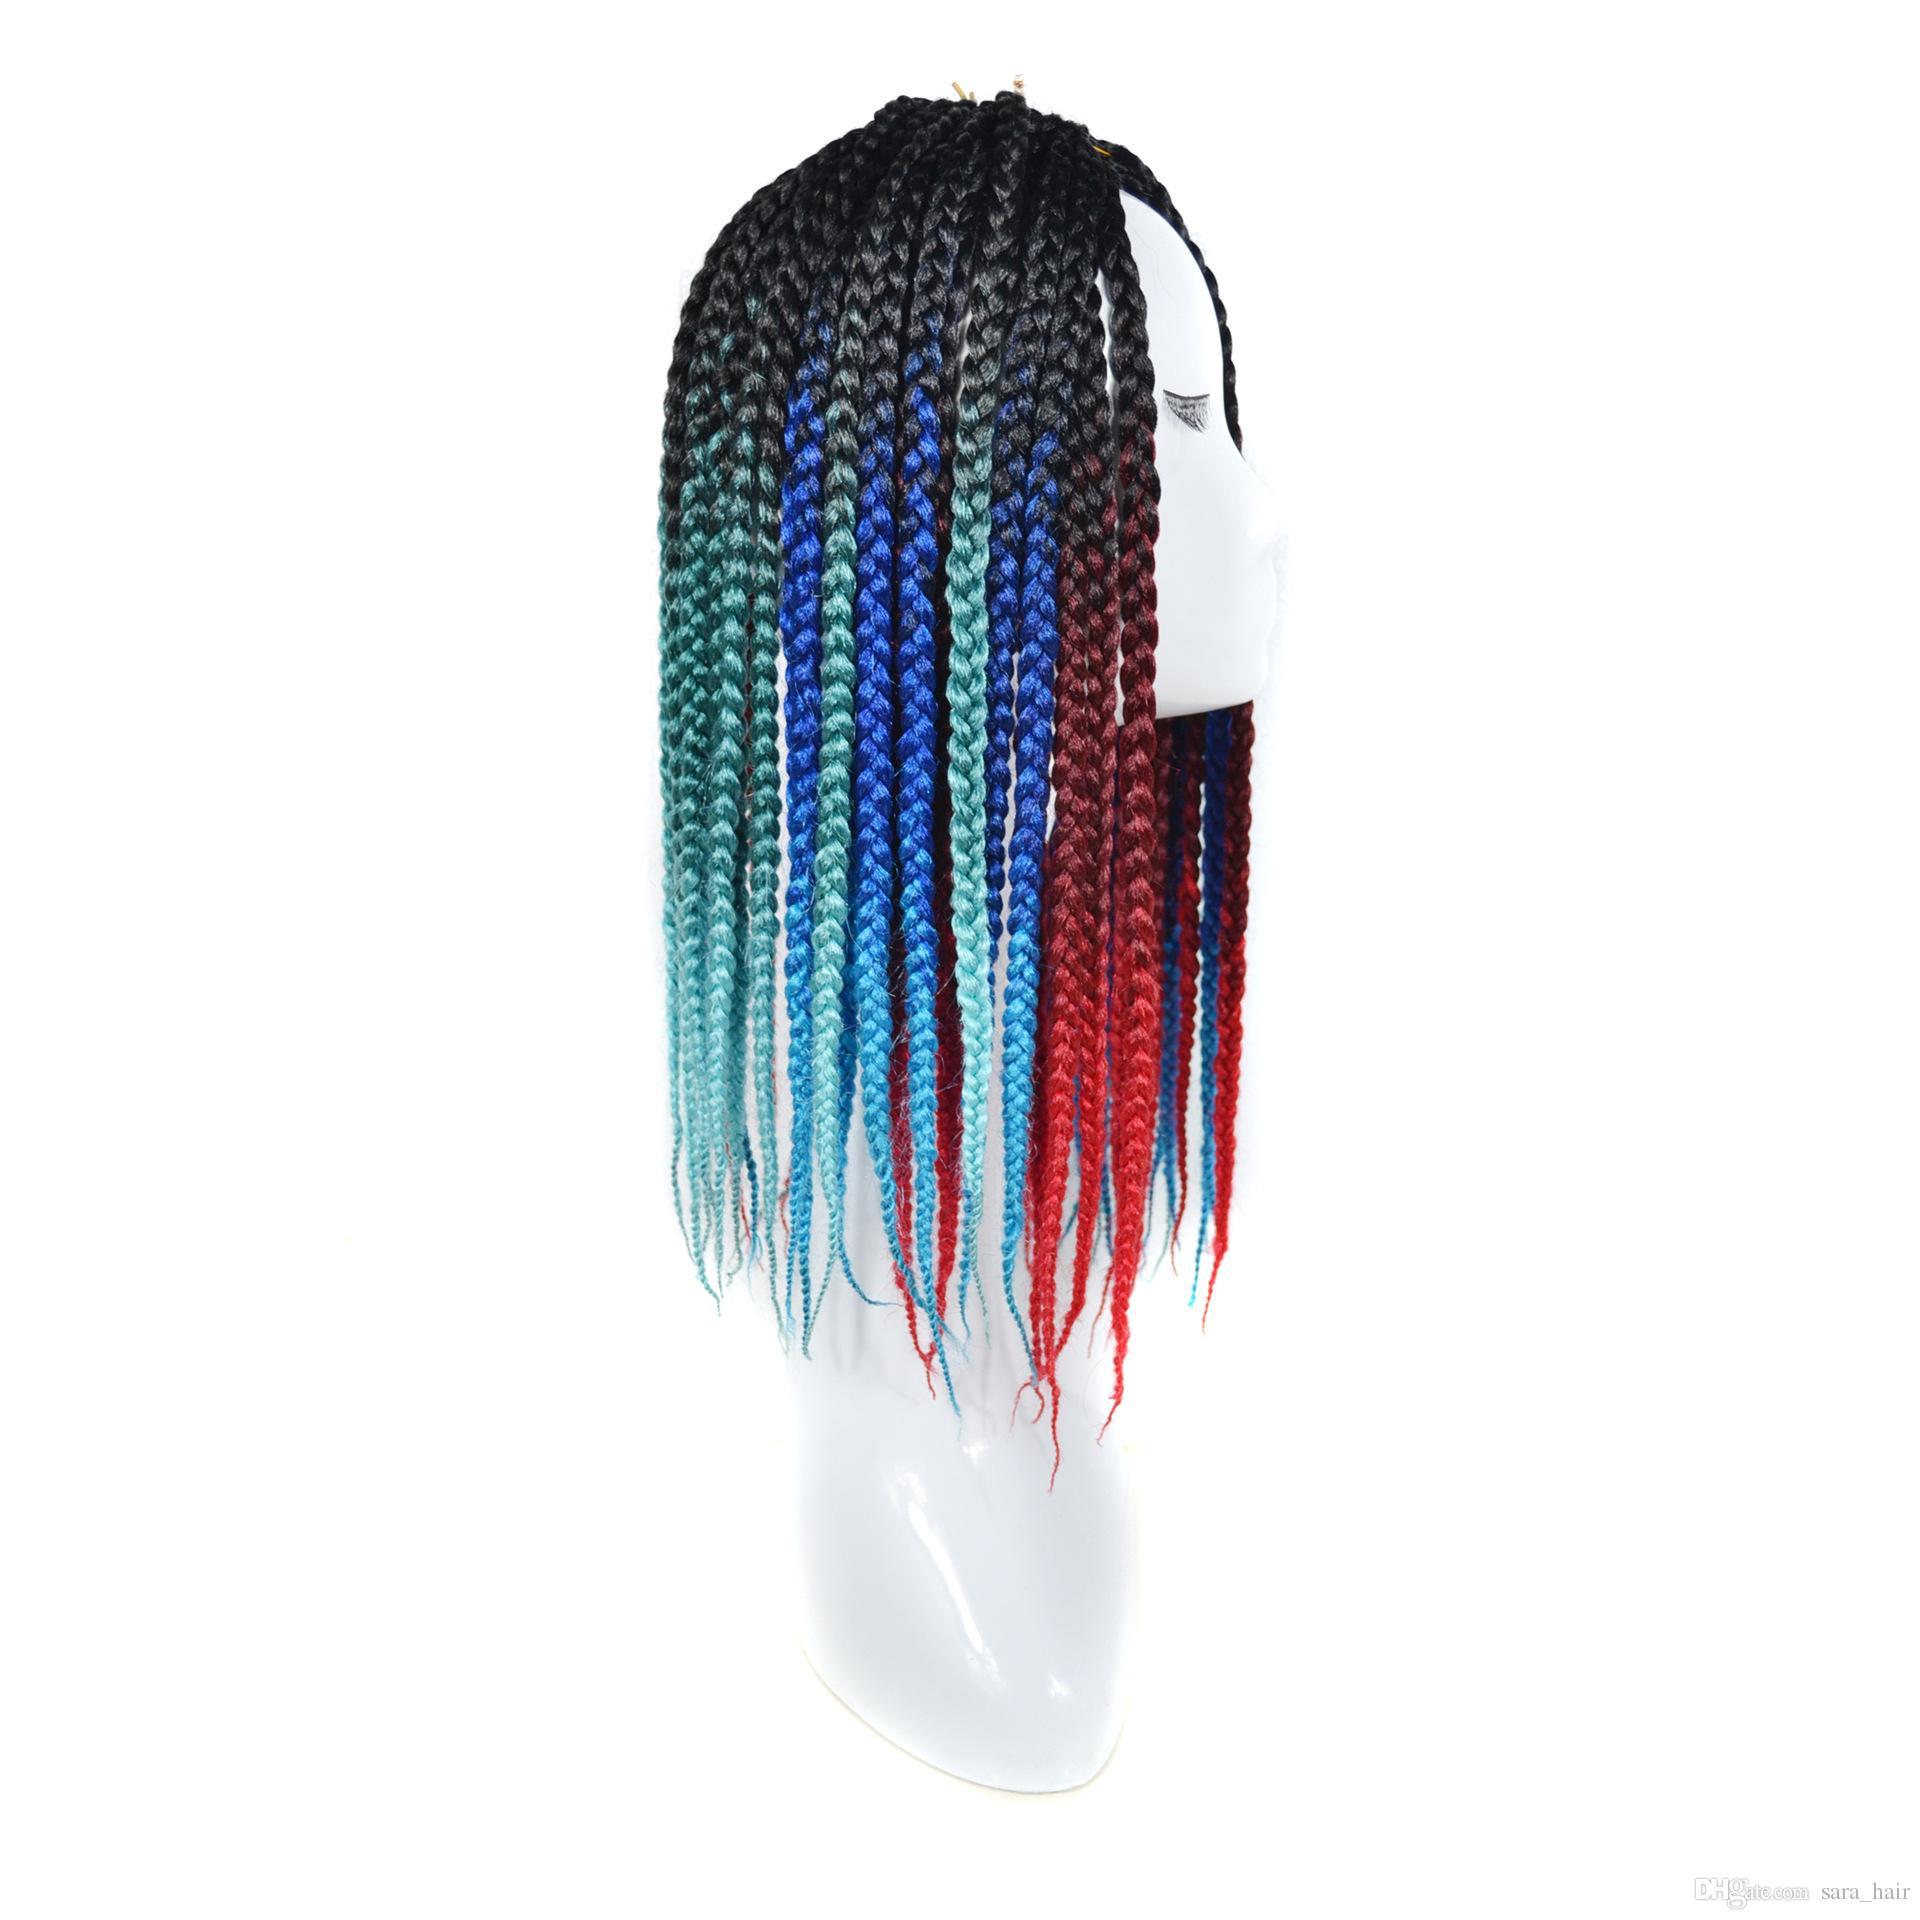 Сара американская Африканская Радуга омбре Вязание крючком плетение волос Freetress Kanekalon части волос шиньон ручной работы косы 50 см, 20